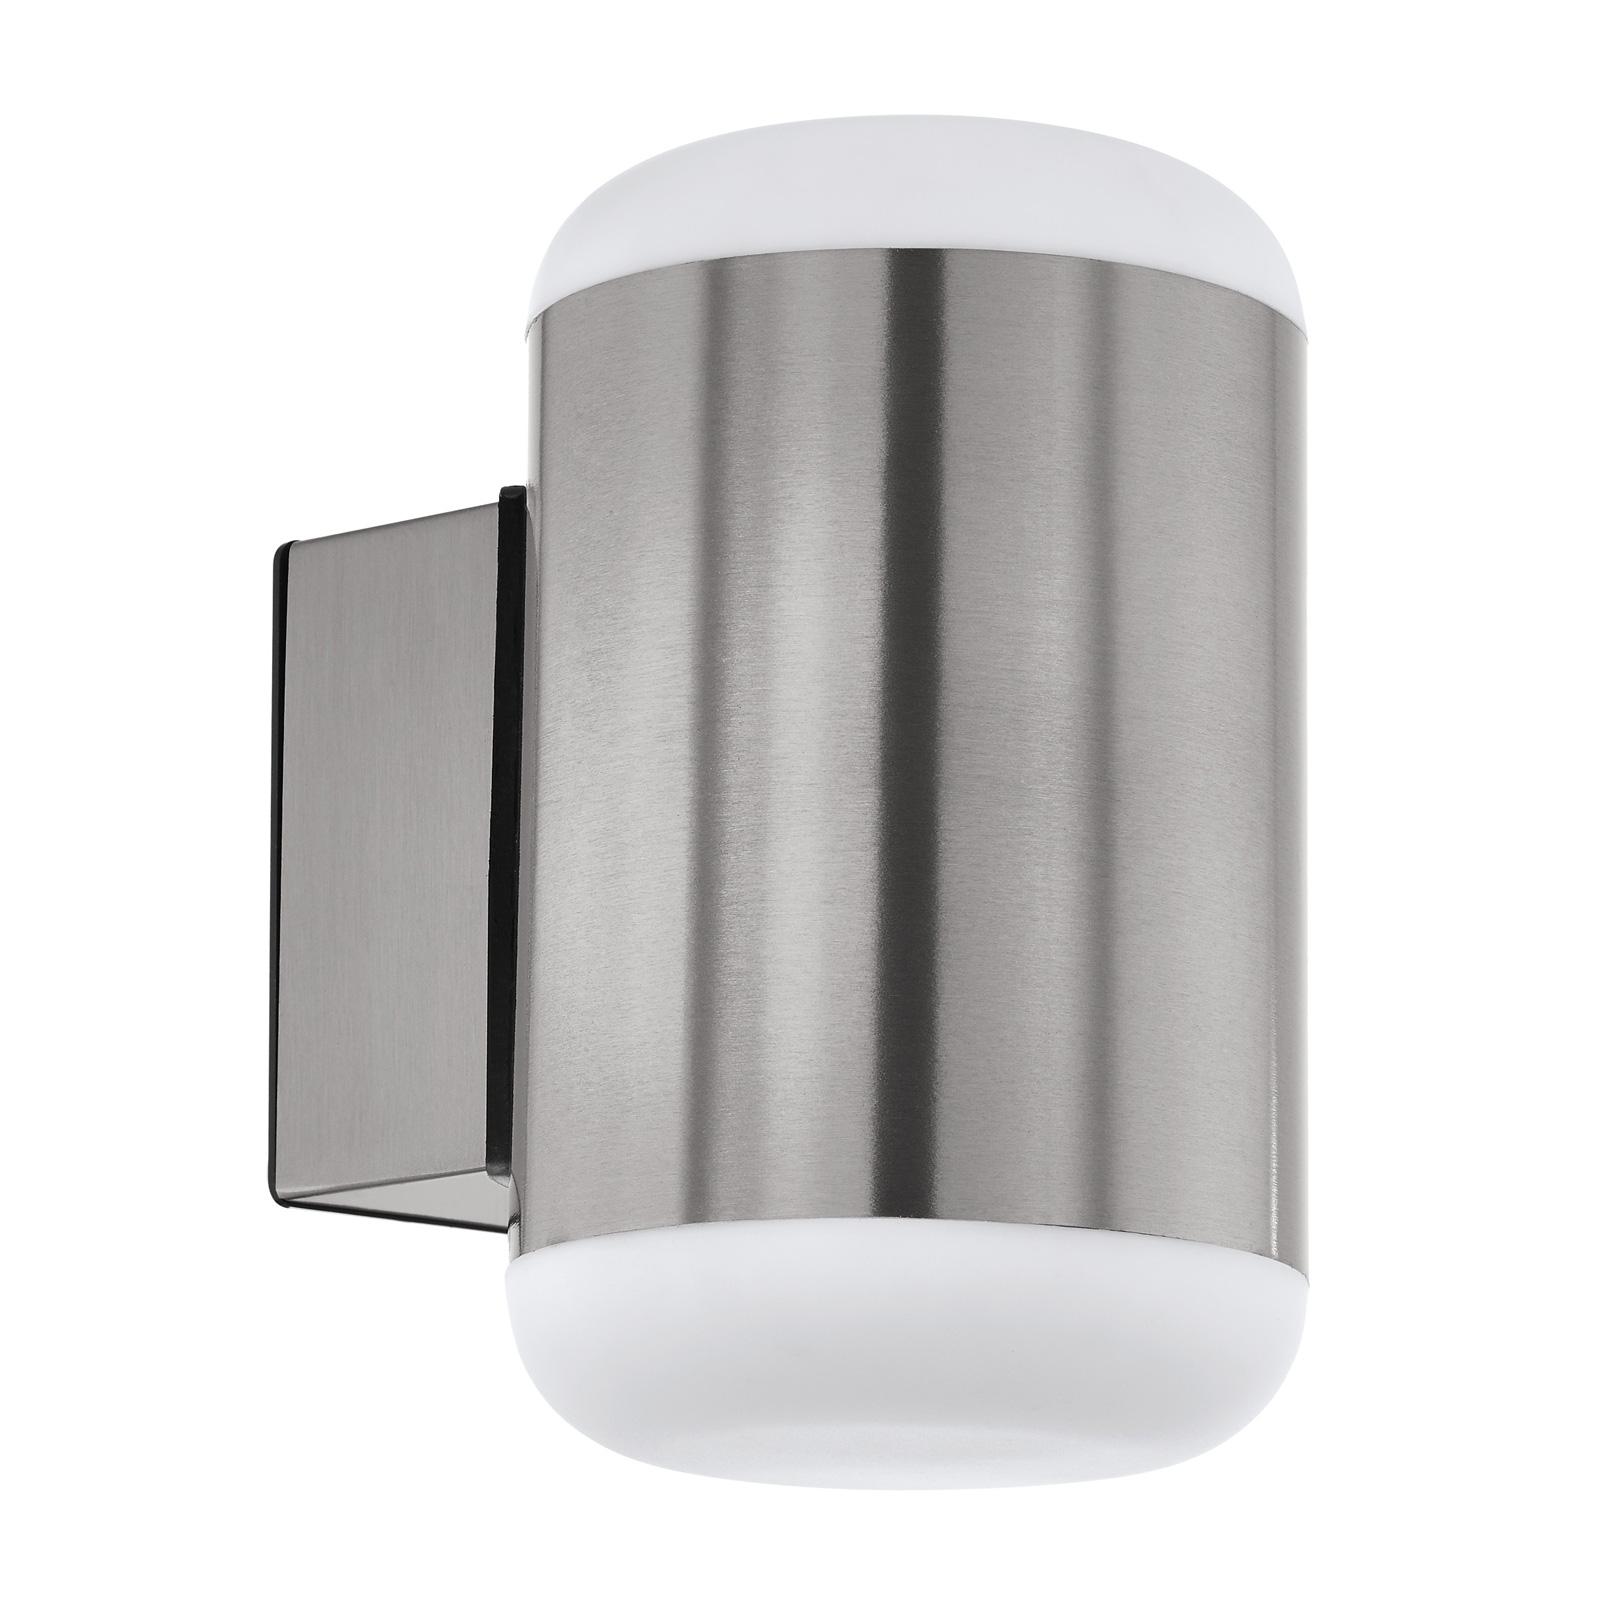 Buitenwandlamp Merlito van roestvrij staal